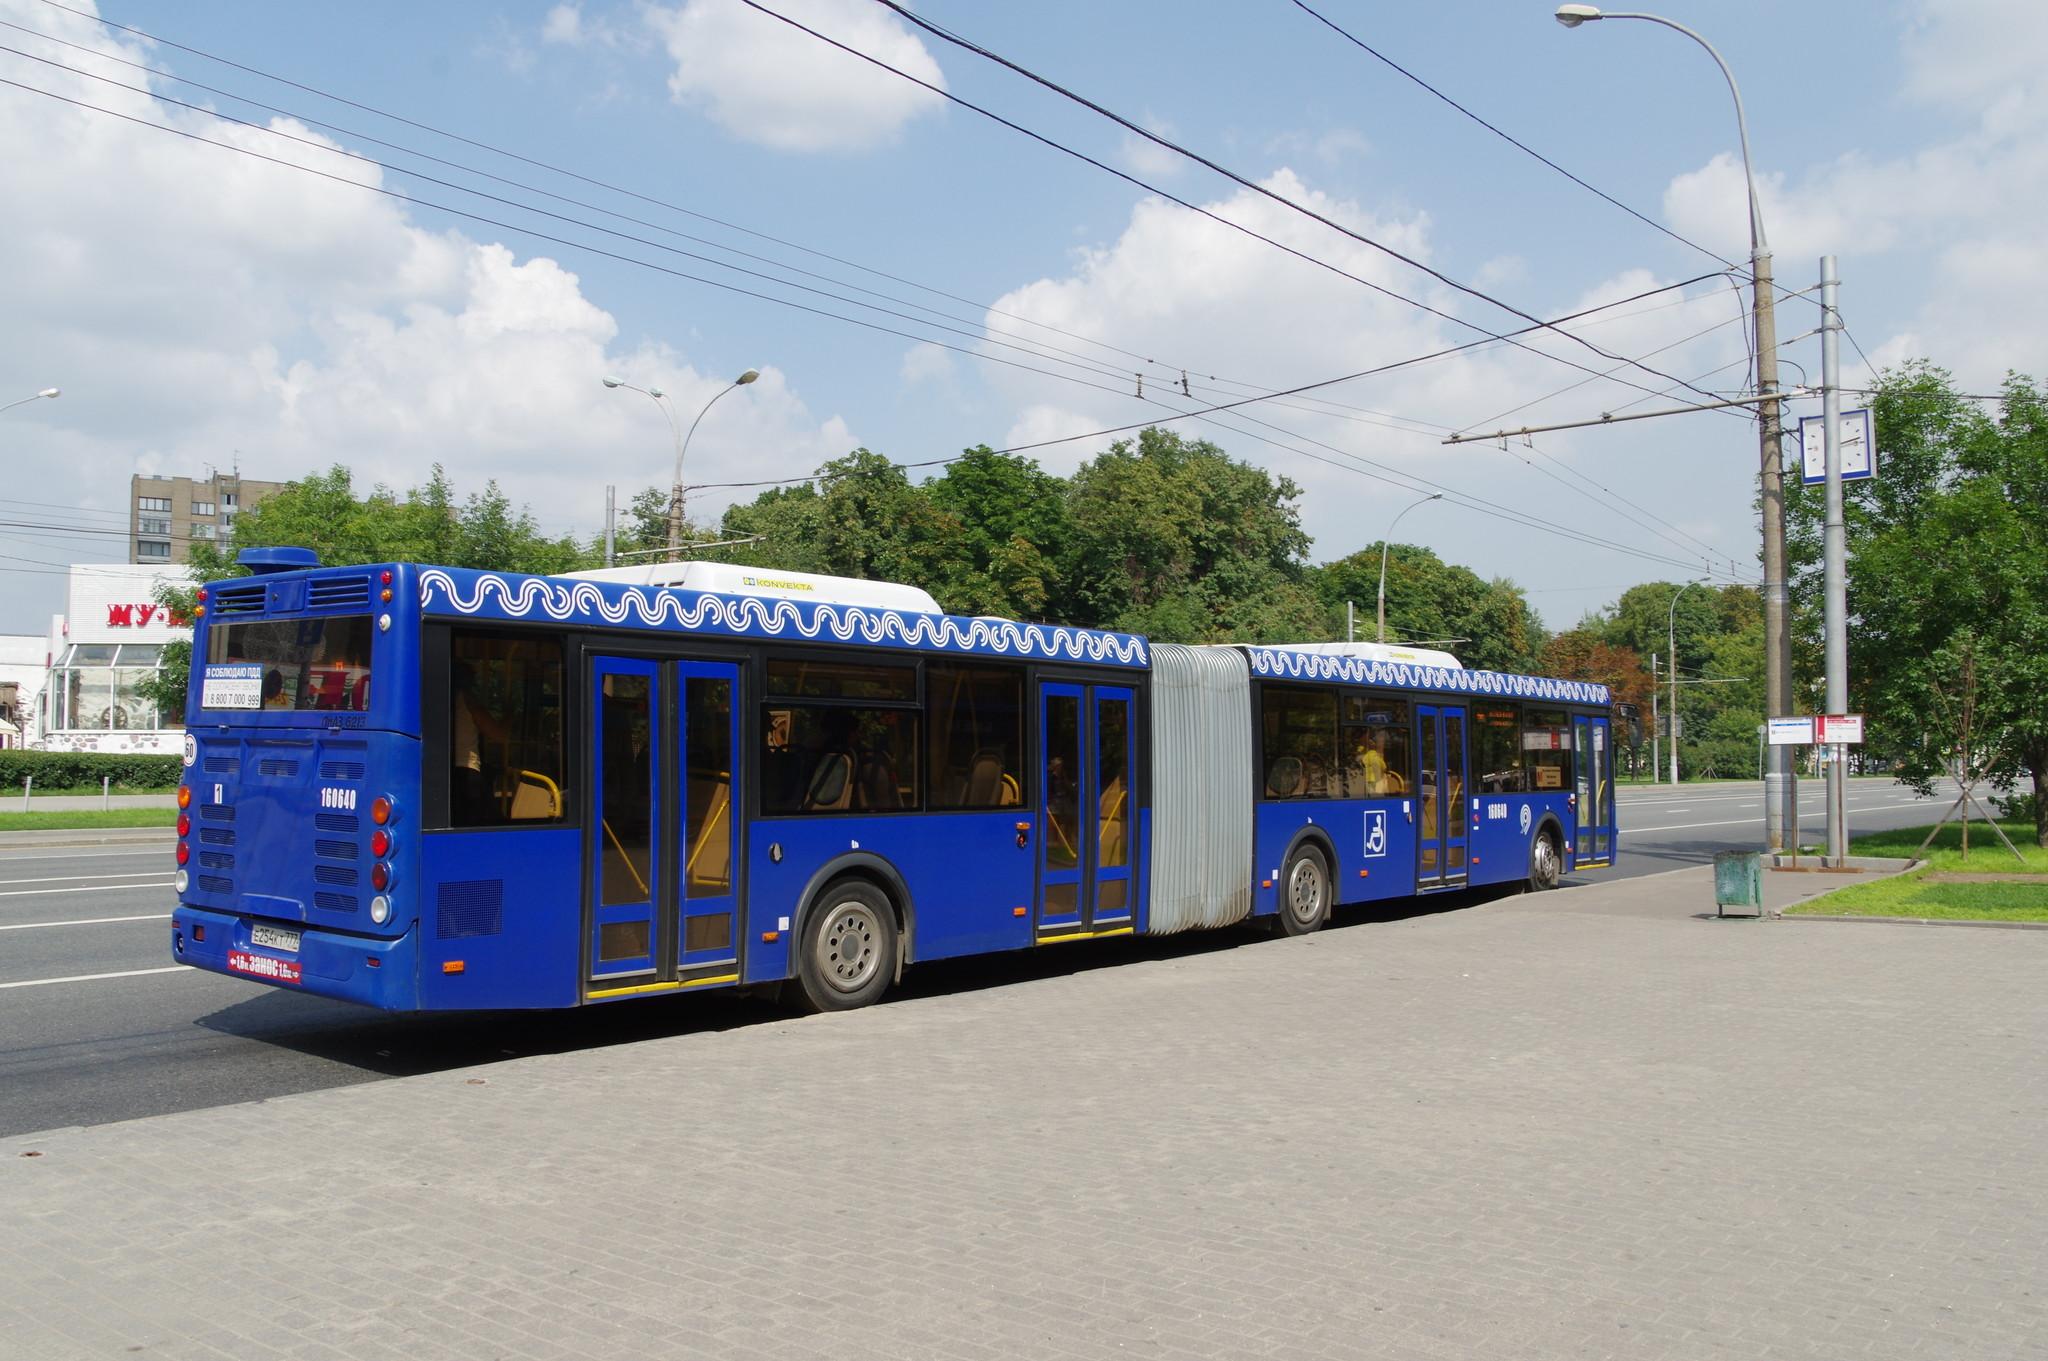 Сочленённый автобус ЛиАЗ-6213.22 № 160640 (госномер: Е 254 КТ 777) на Комсомольском проспекте